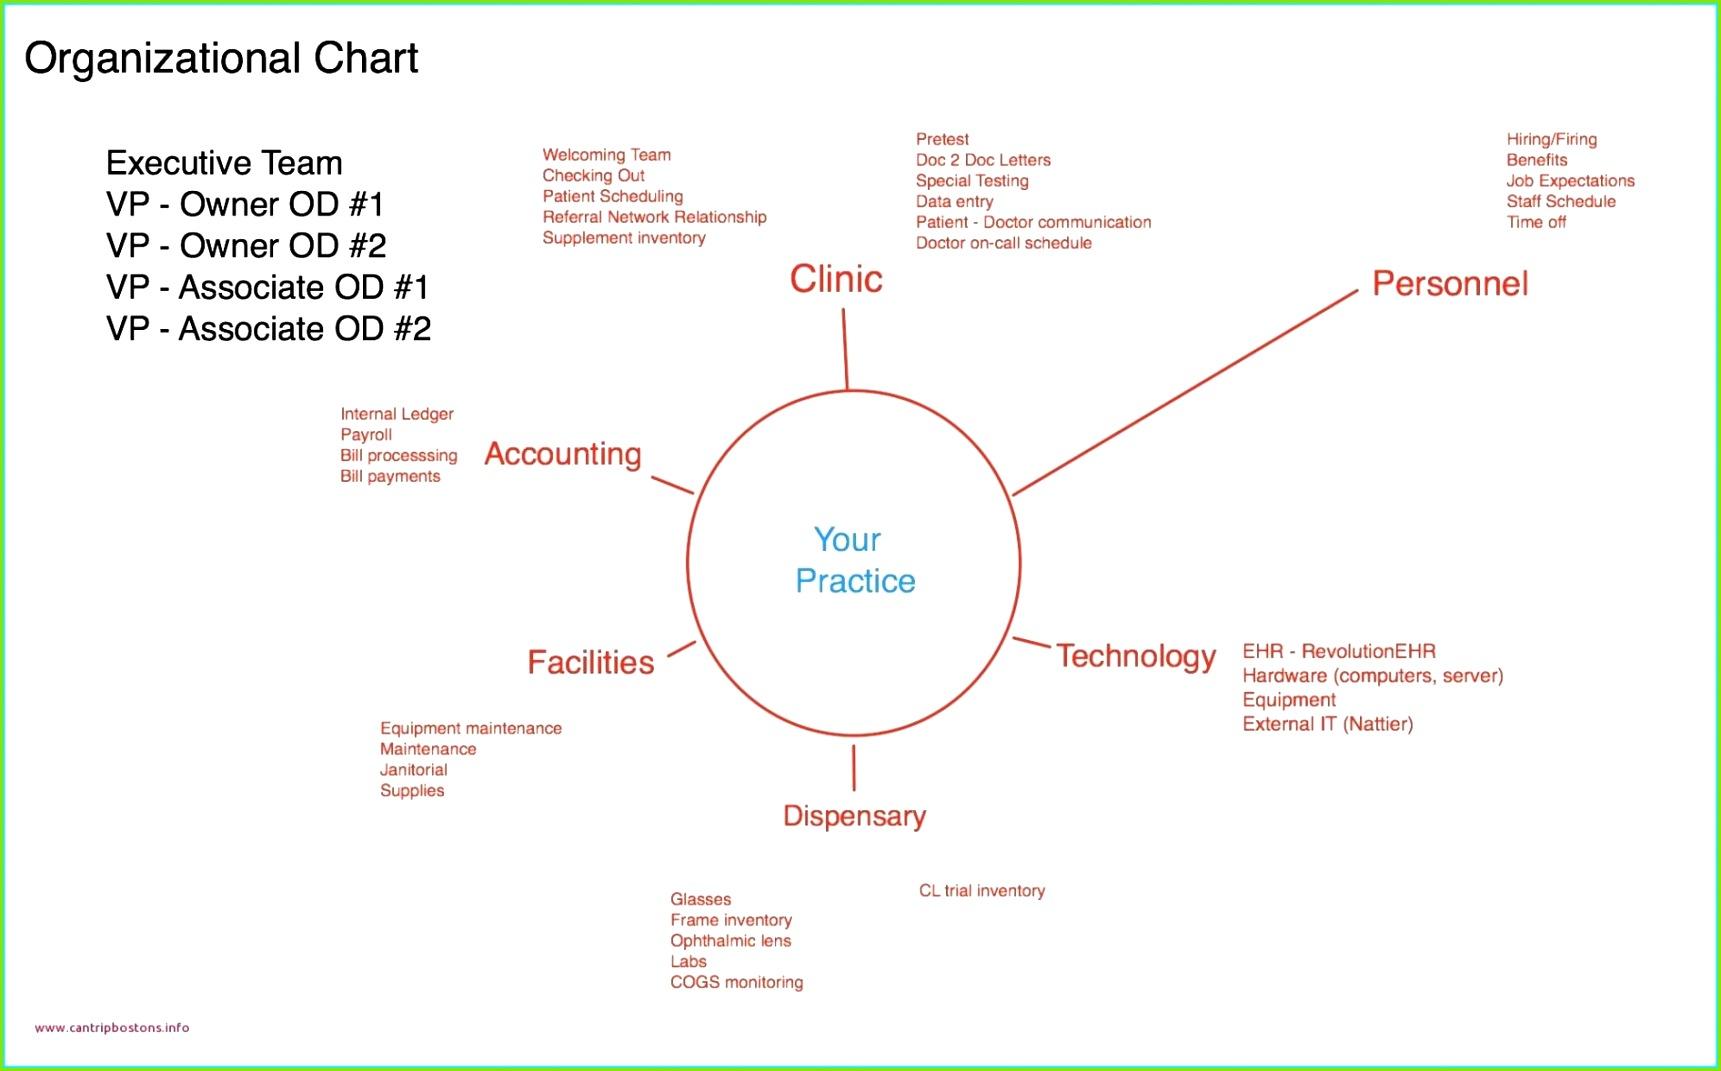 Diagramm In Word Erstellen lebenslauf word vorlage neu venn diagram in word – schön venn